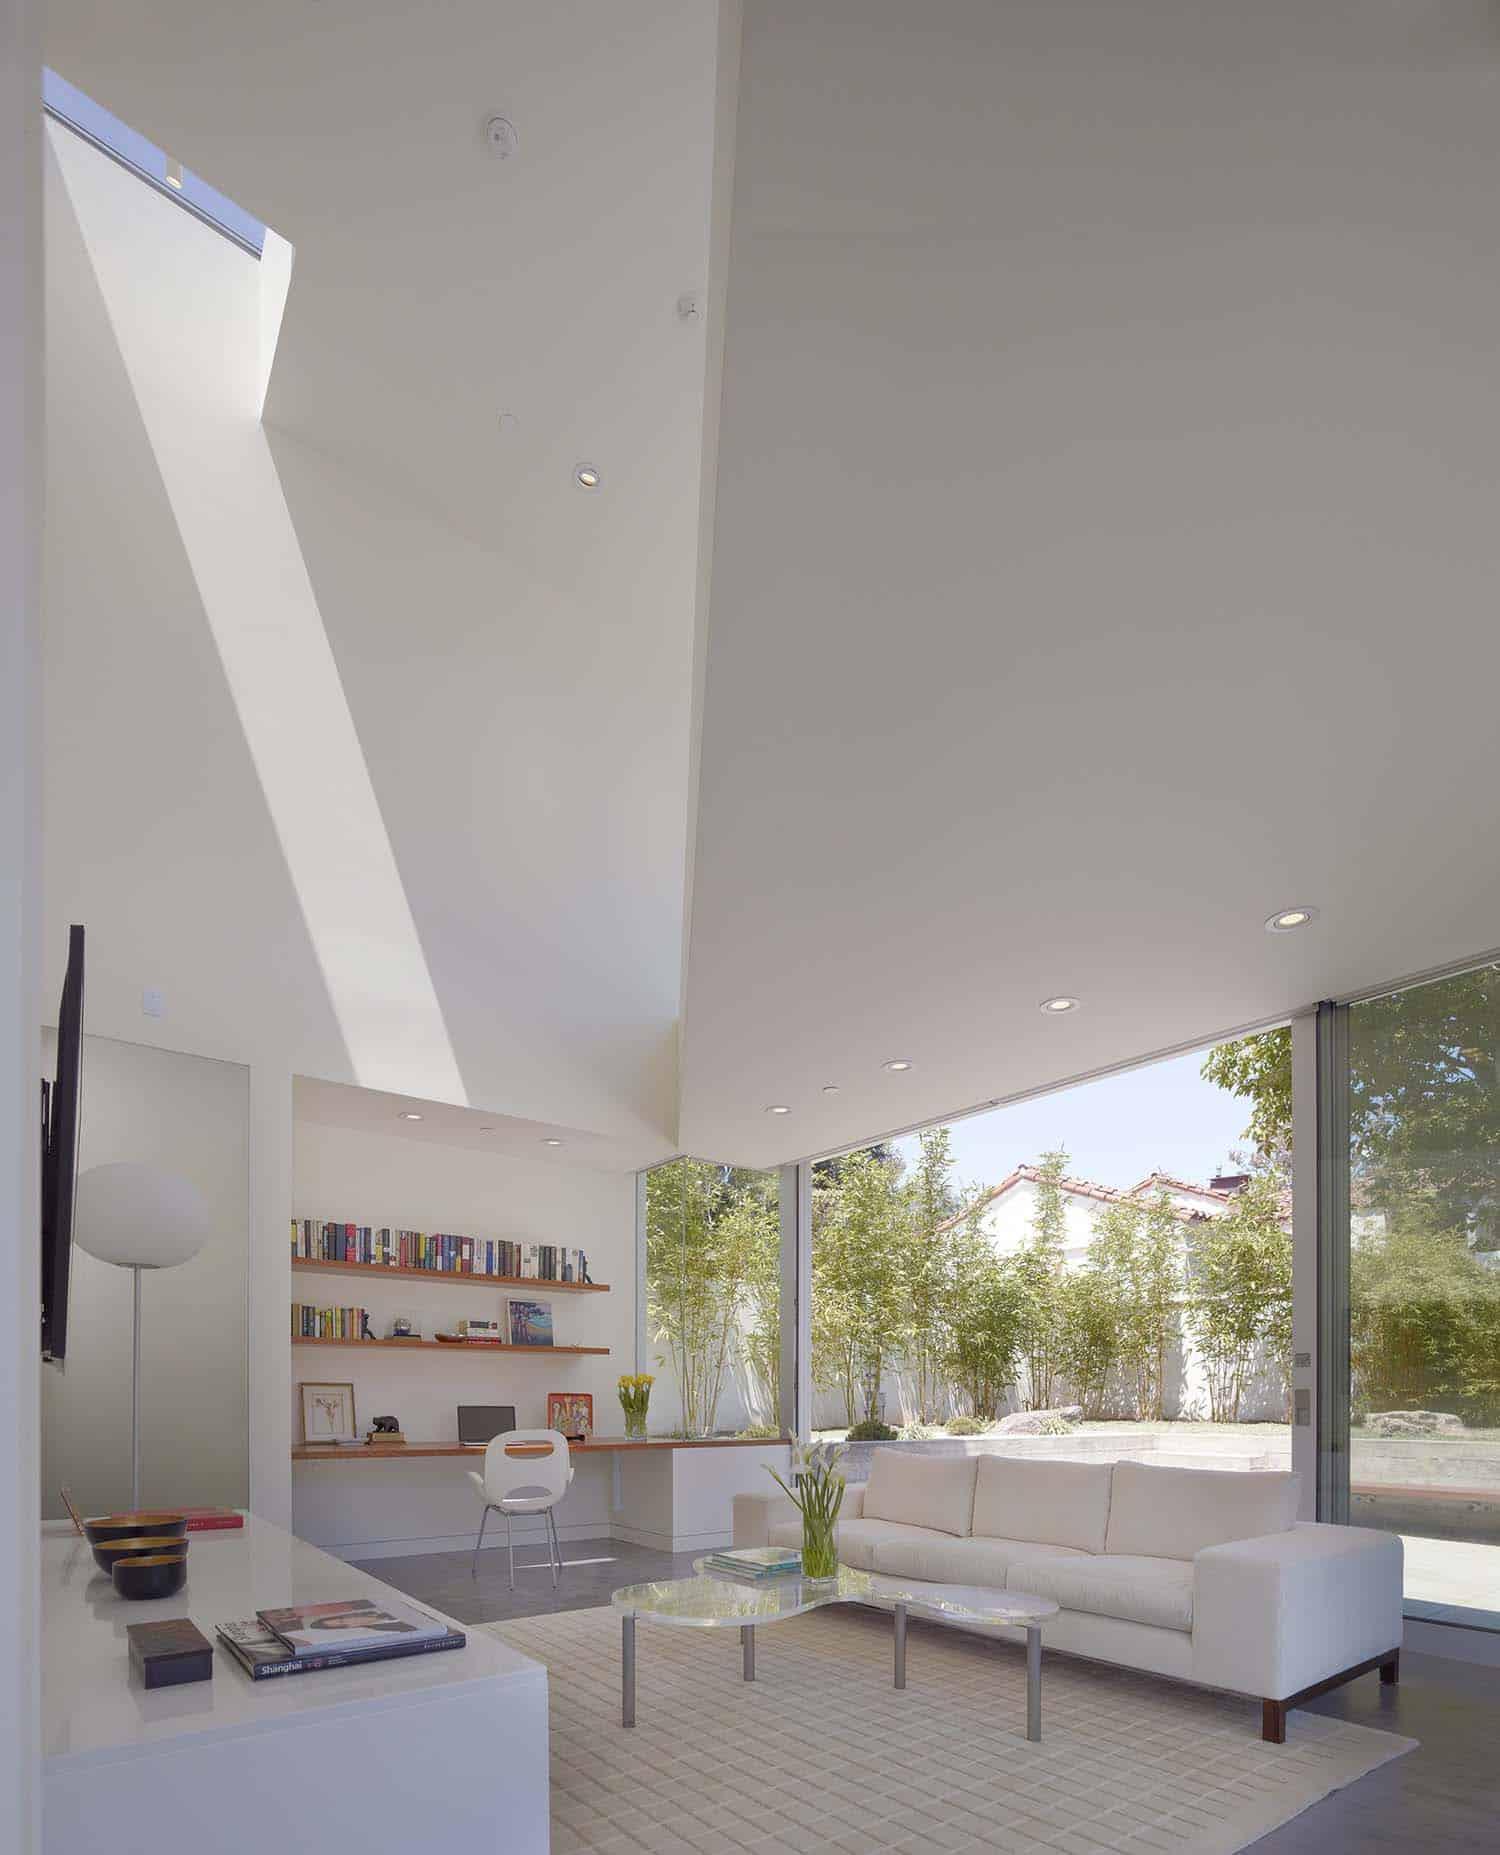 leed-platinum-family-compound-jfak-architects-10-1-kindesign